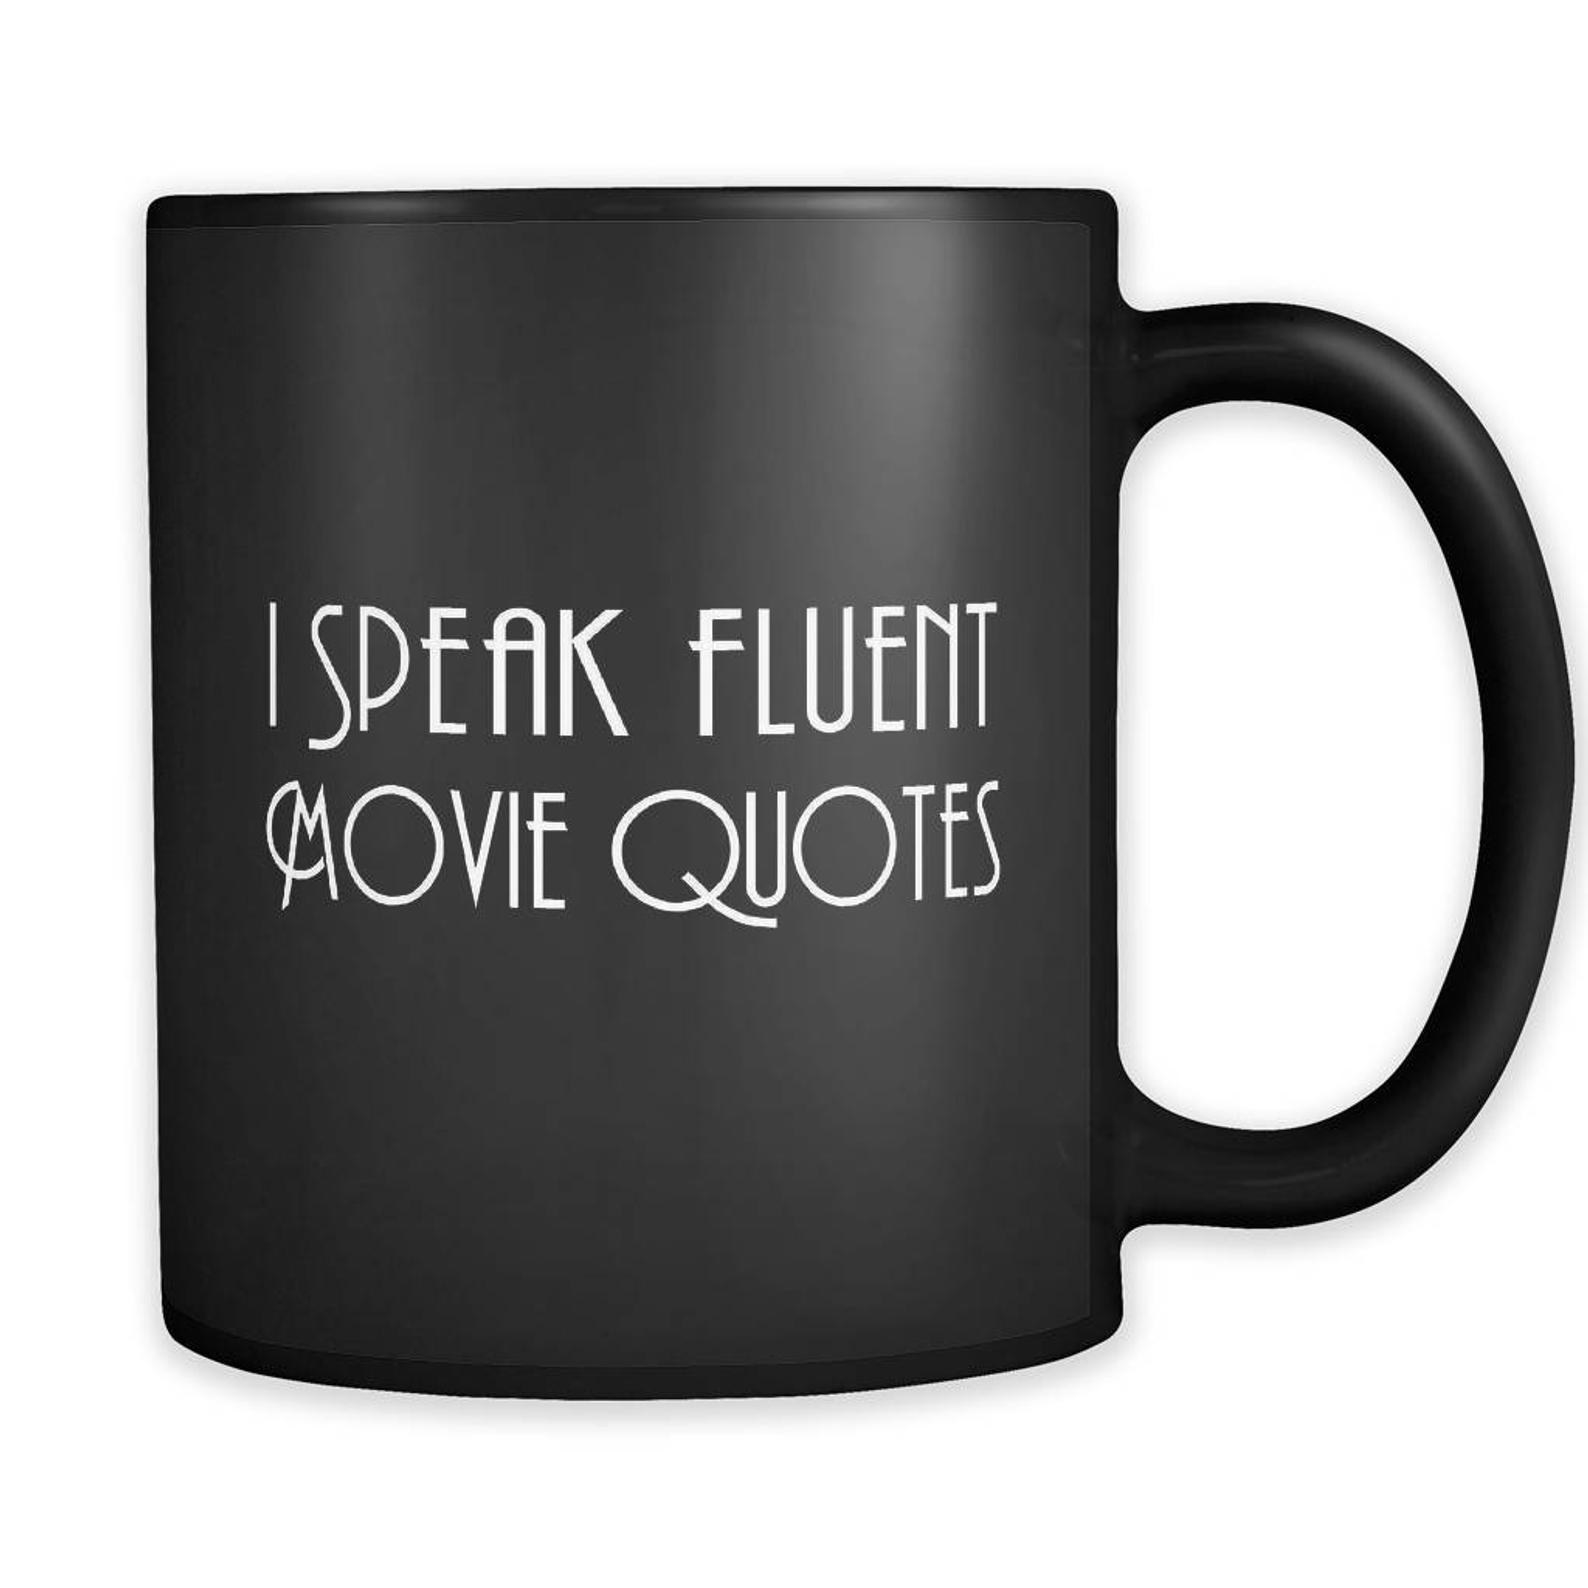 the funny mug in black that says I speak fluent movie quotes